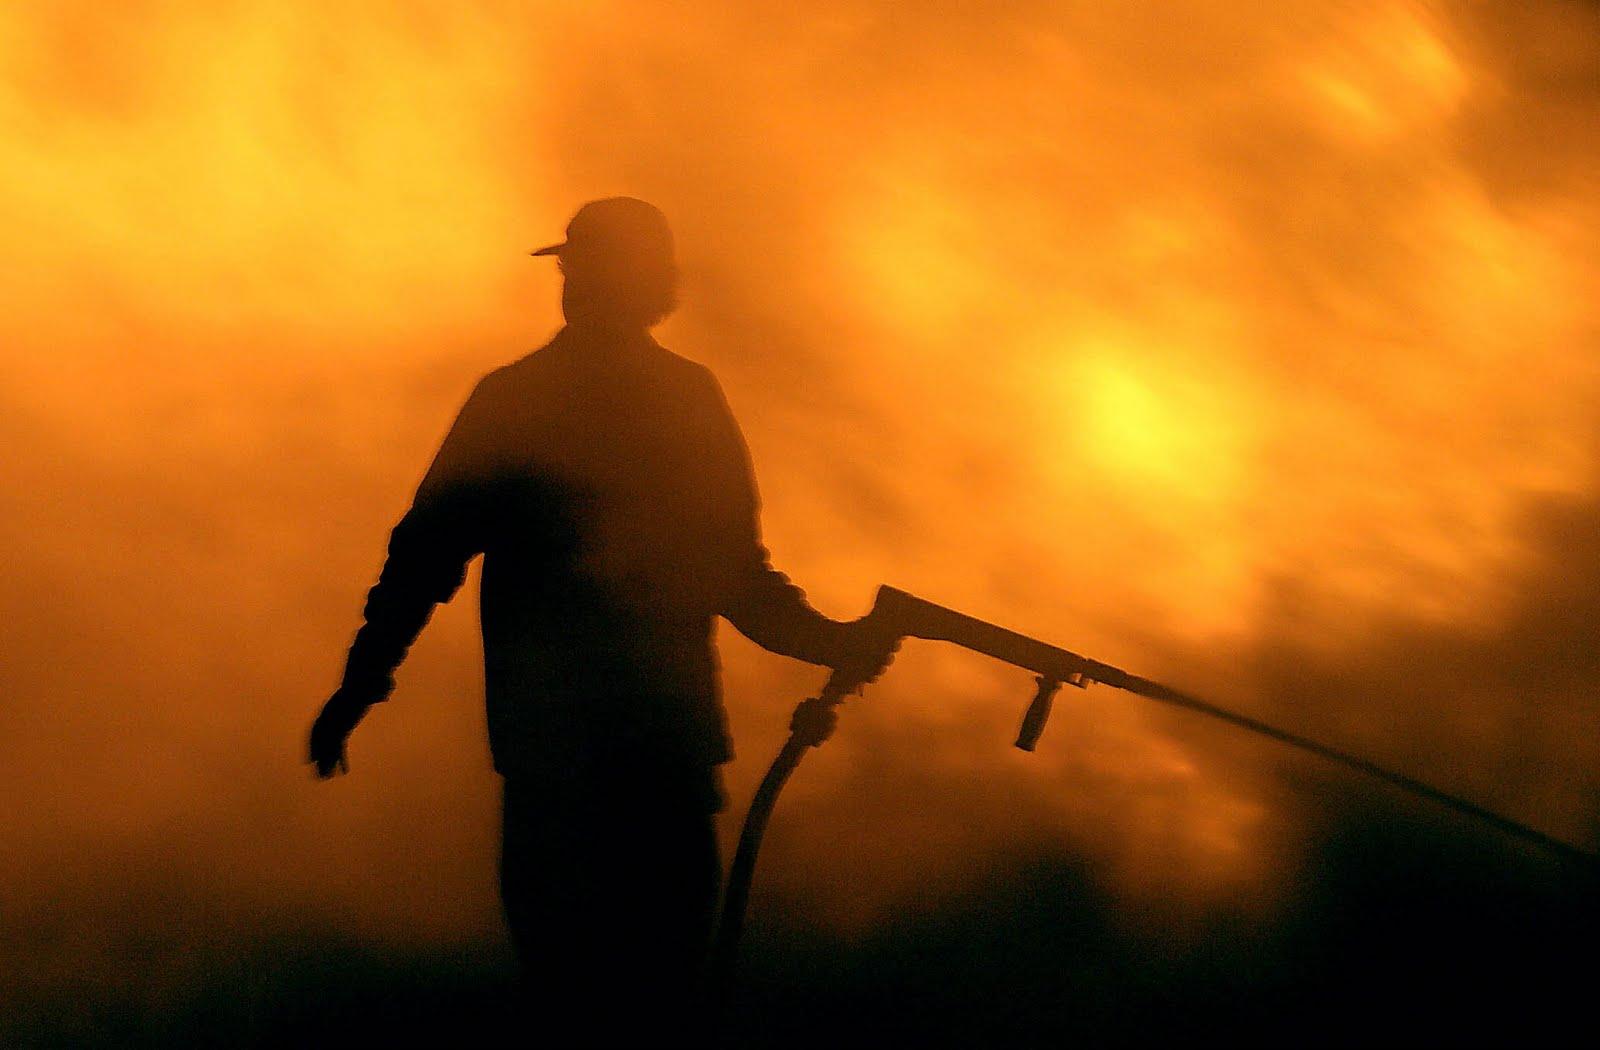 Στην πυρά… από σιτοκαλαμιές ~ ΠΡΩΤΟΦΑΝΗΣ ΠΥΡΙΝΟΣ ΕΦΙΑΛΤΗΣ